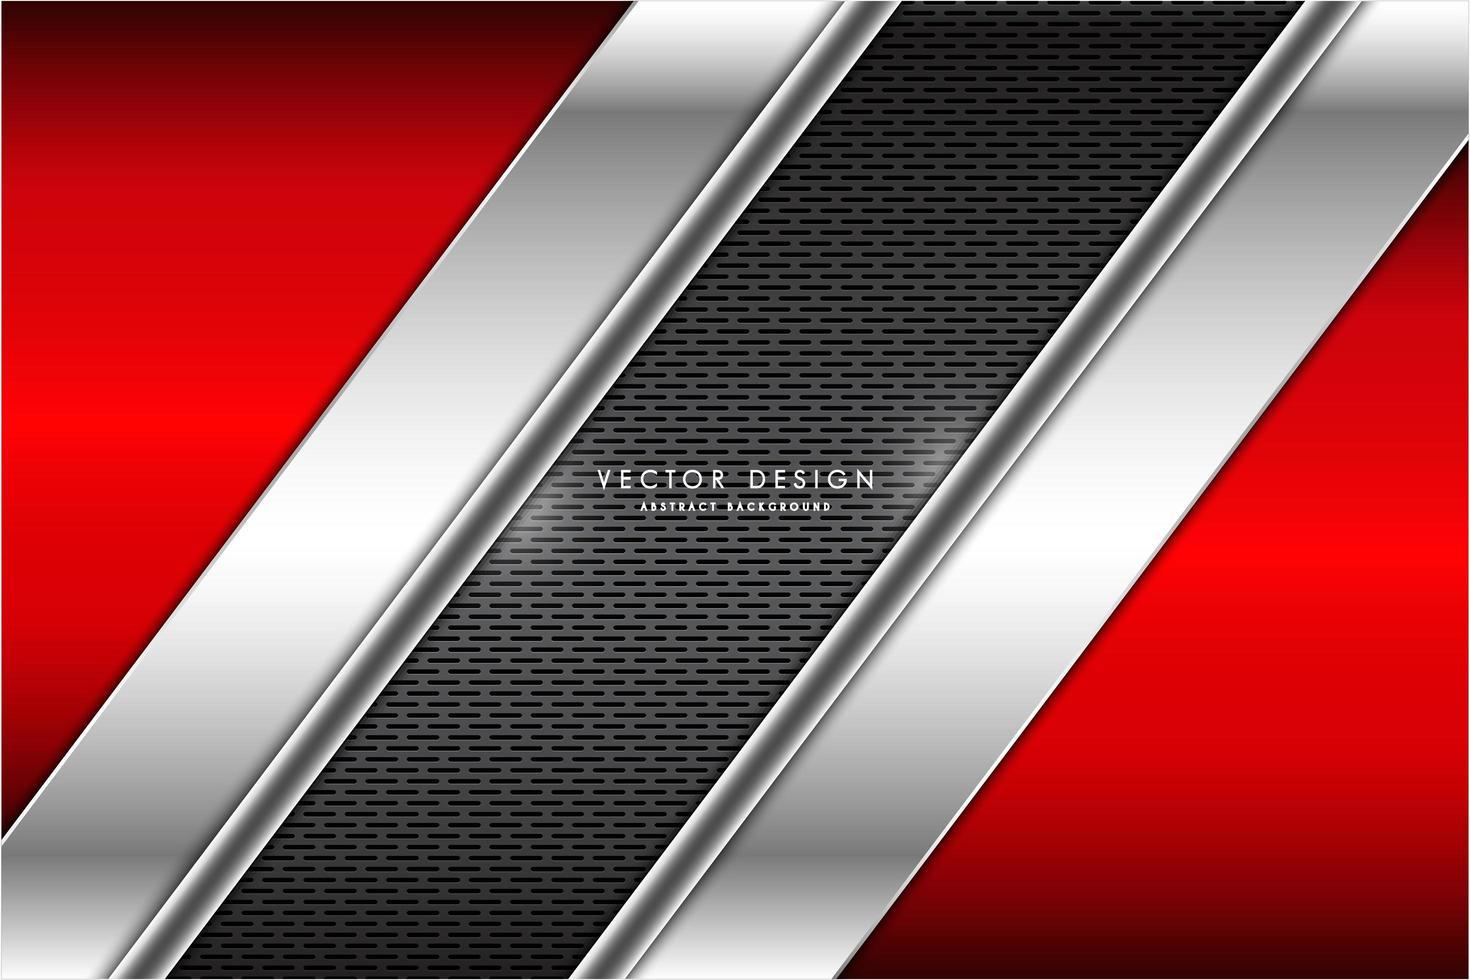 paneles metálicos en rojo y plata angulados sobre textura de rejilla vector